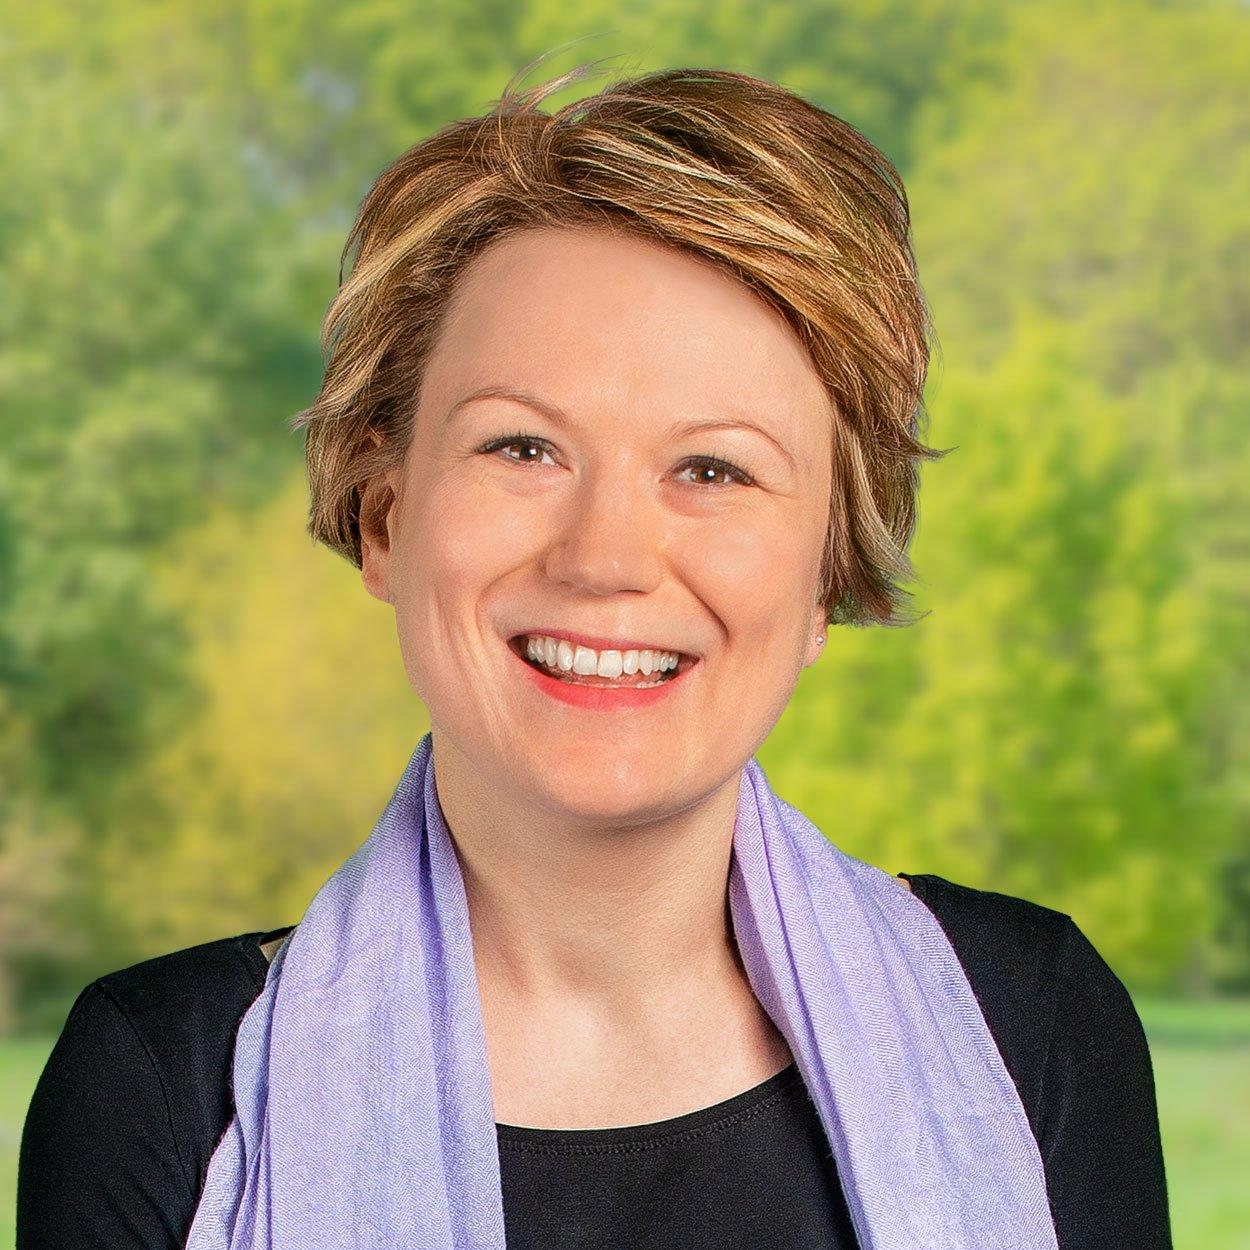 Carolin Metzke